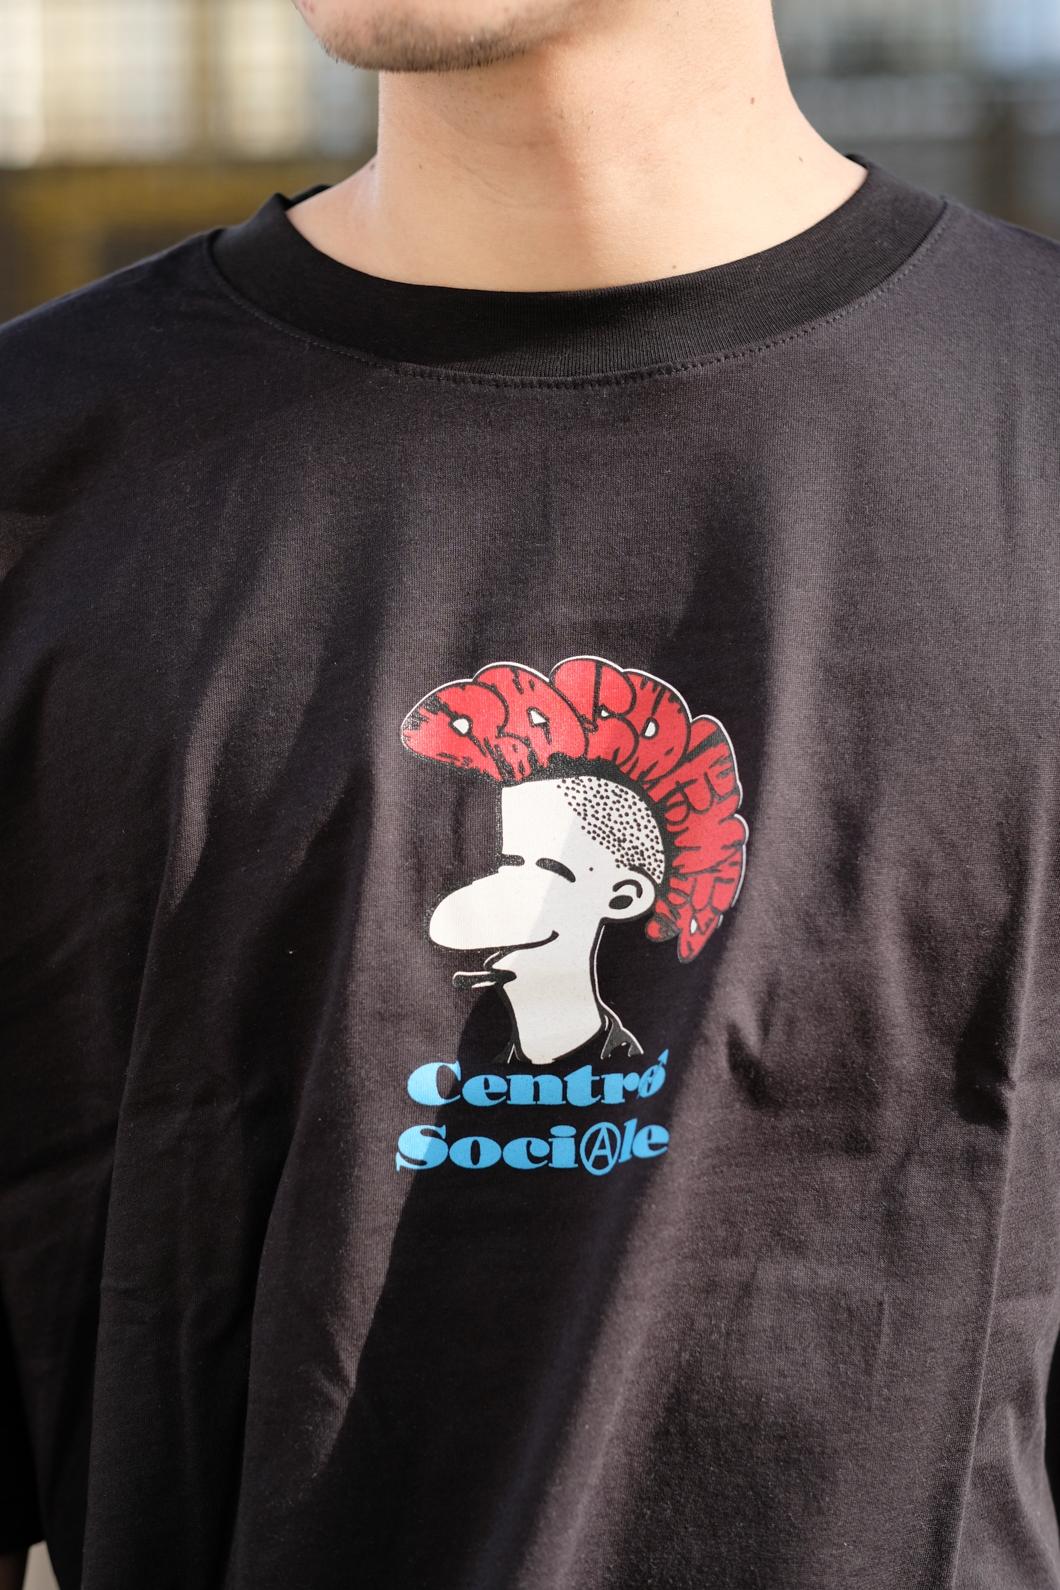 【PAS DE MER/パドゥメ】CENTRO SOCIALE OVERSIZE T-SHIRT オーバーサイズTシャツ / BLACK